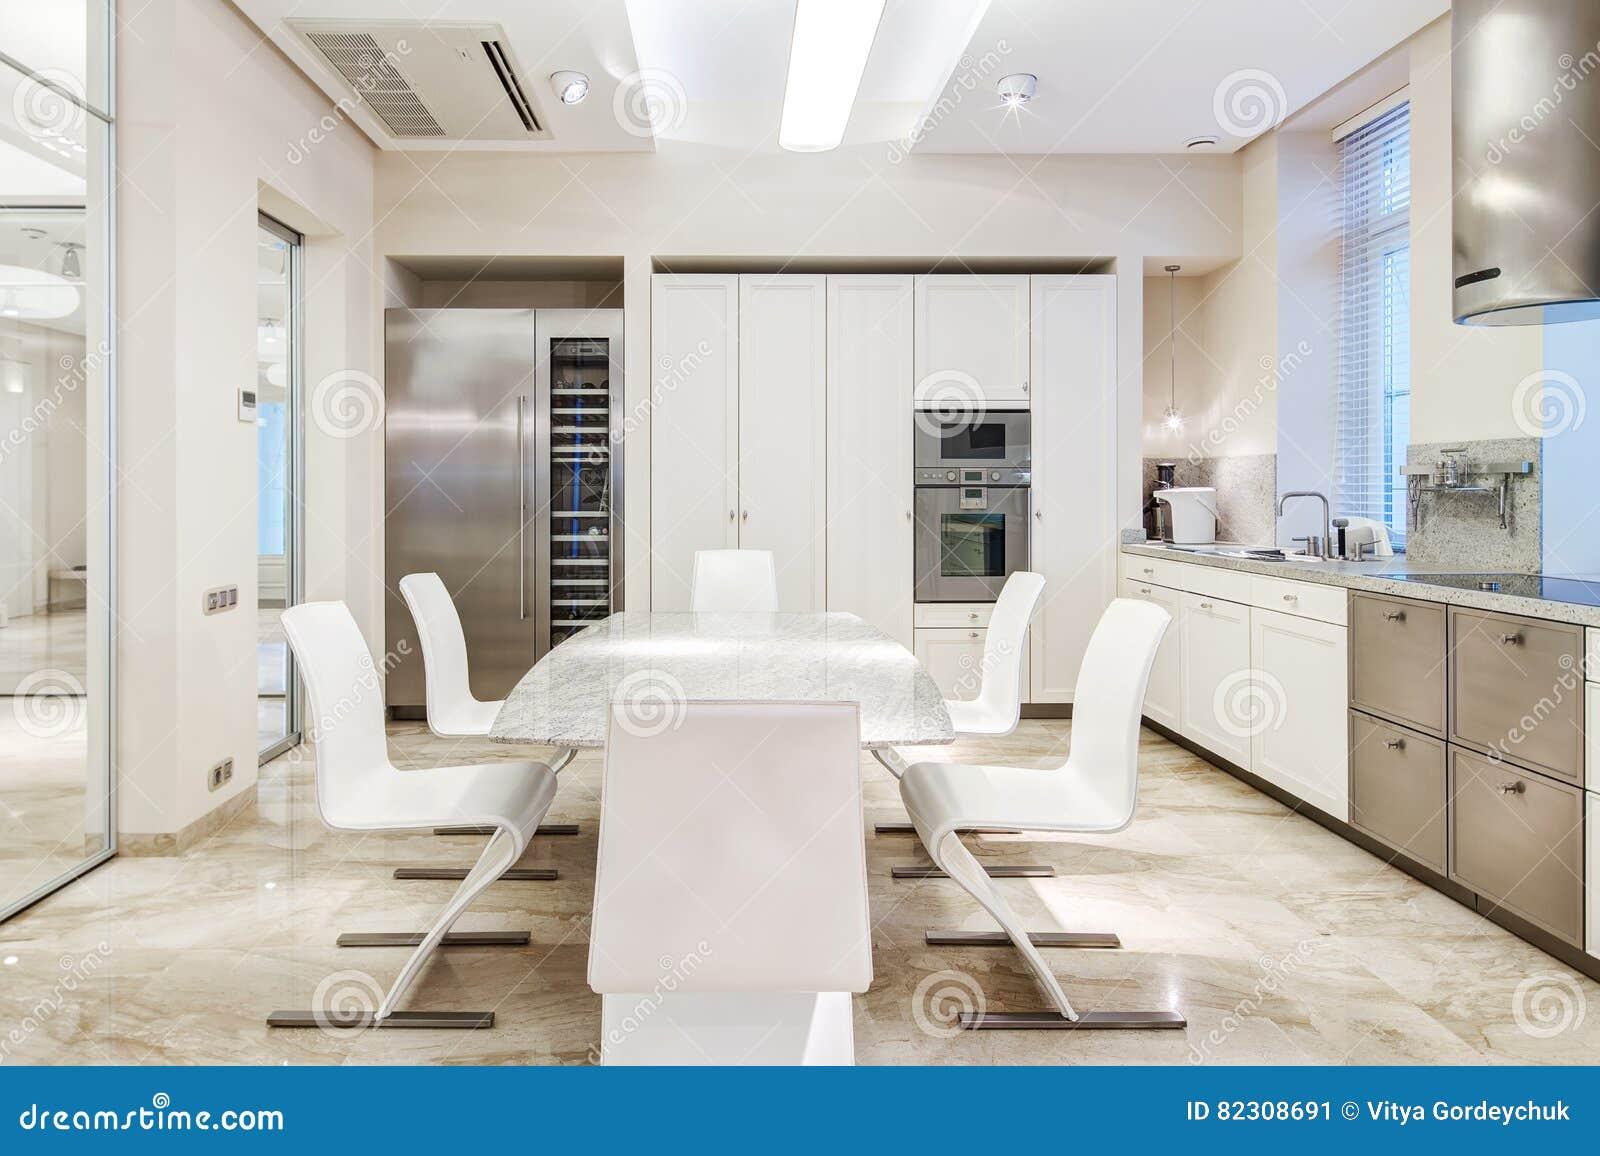 Cucine Di Lusso Classiche : Cucina di lusso bianca immagine stock. immagine di costoso 82308691